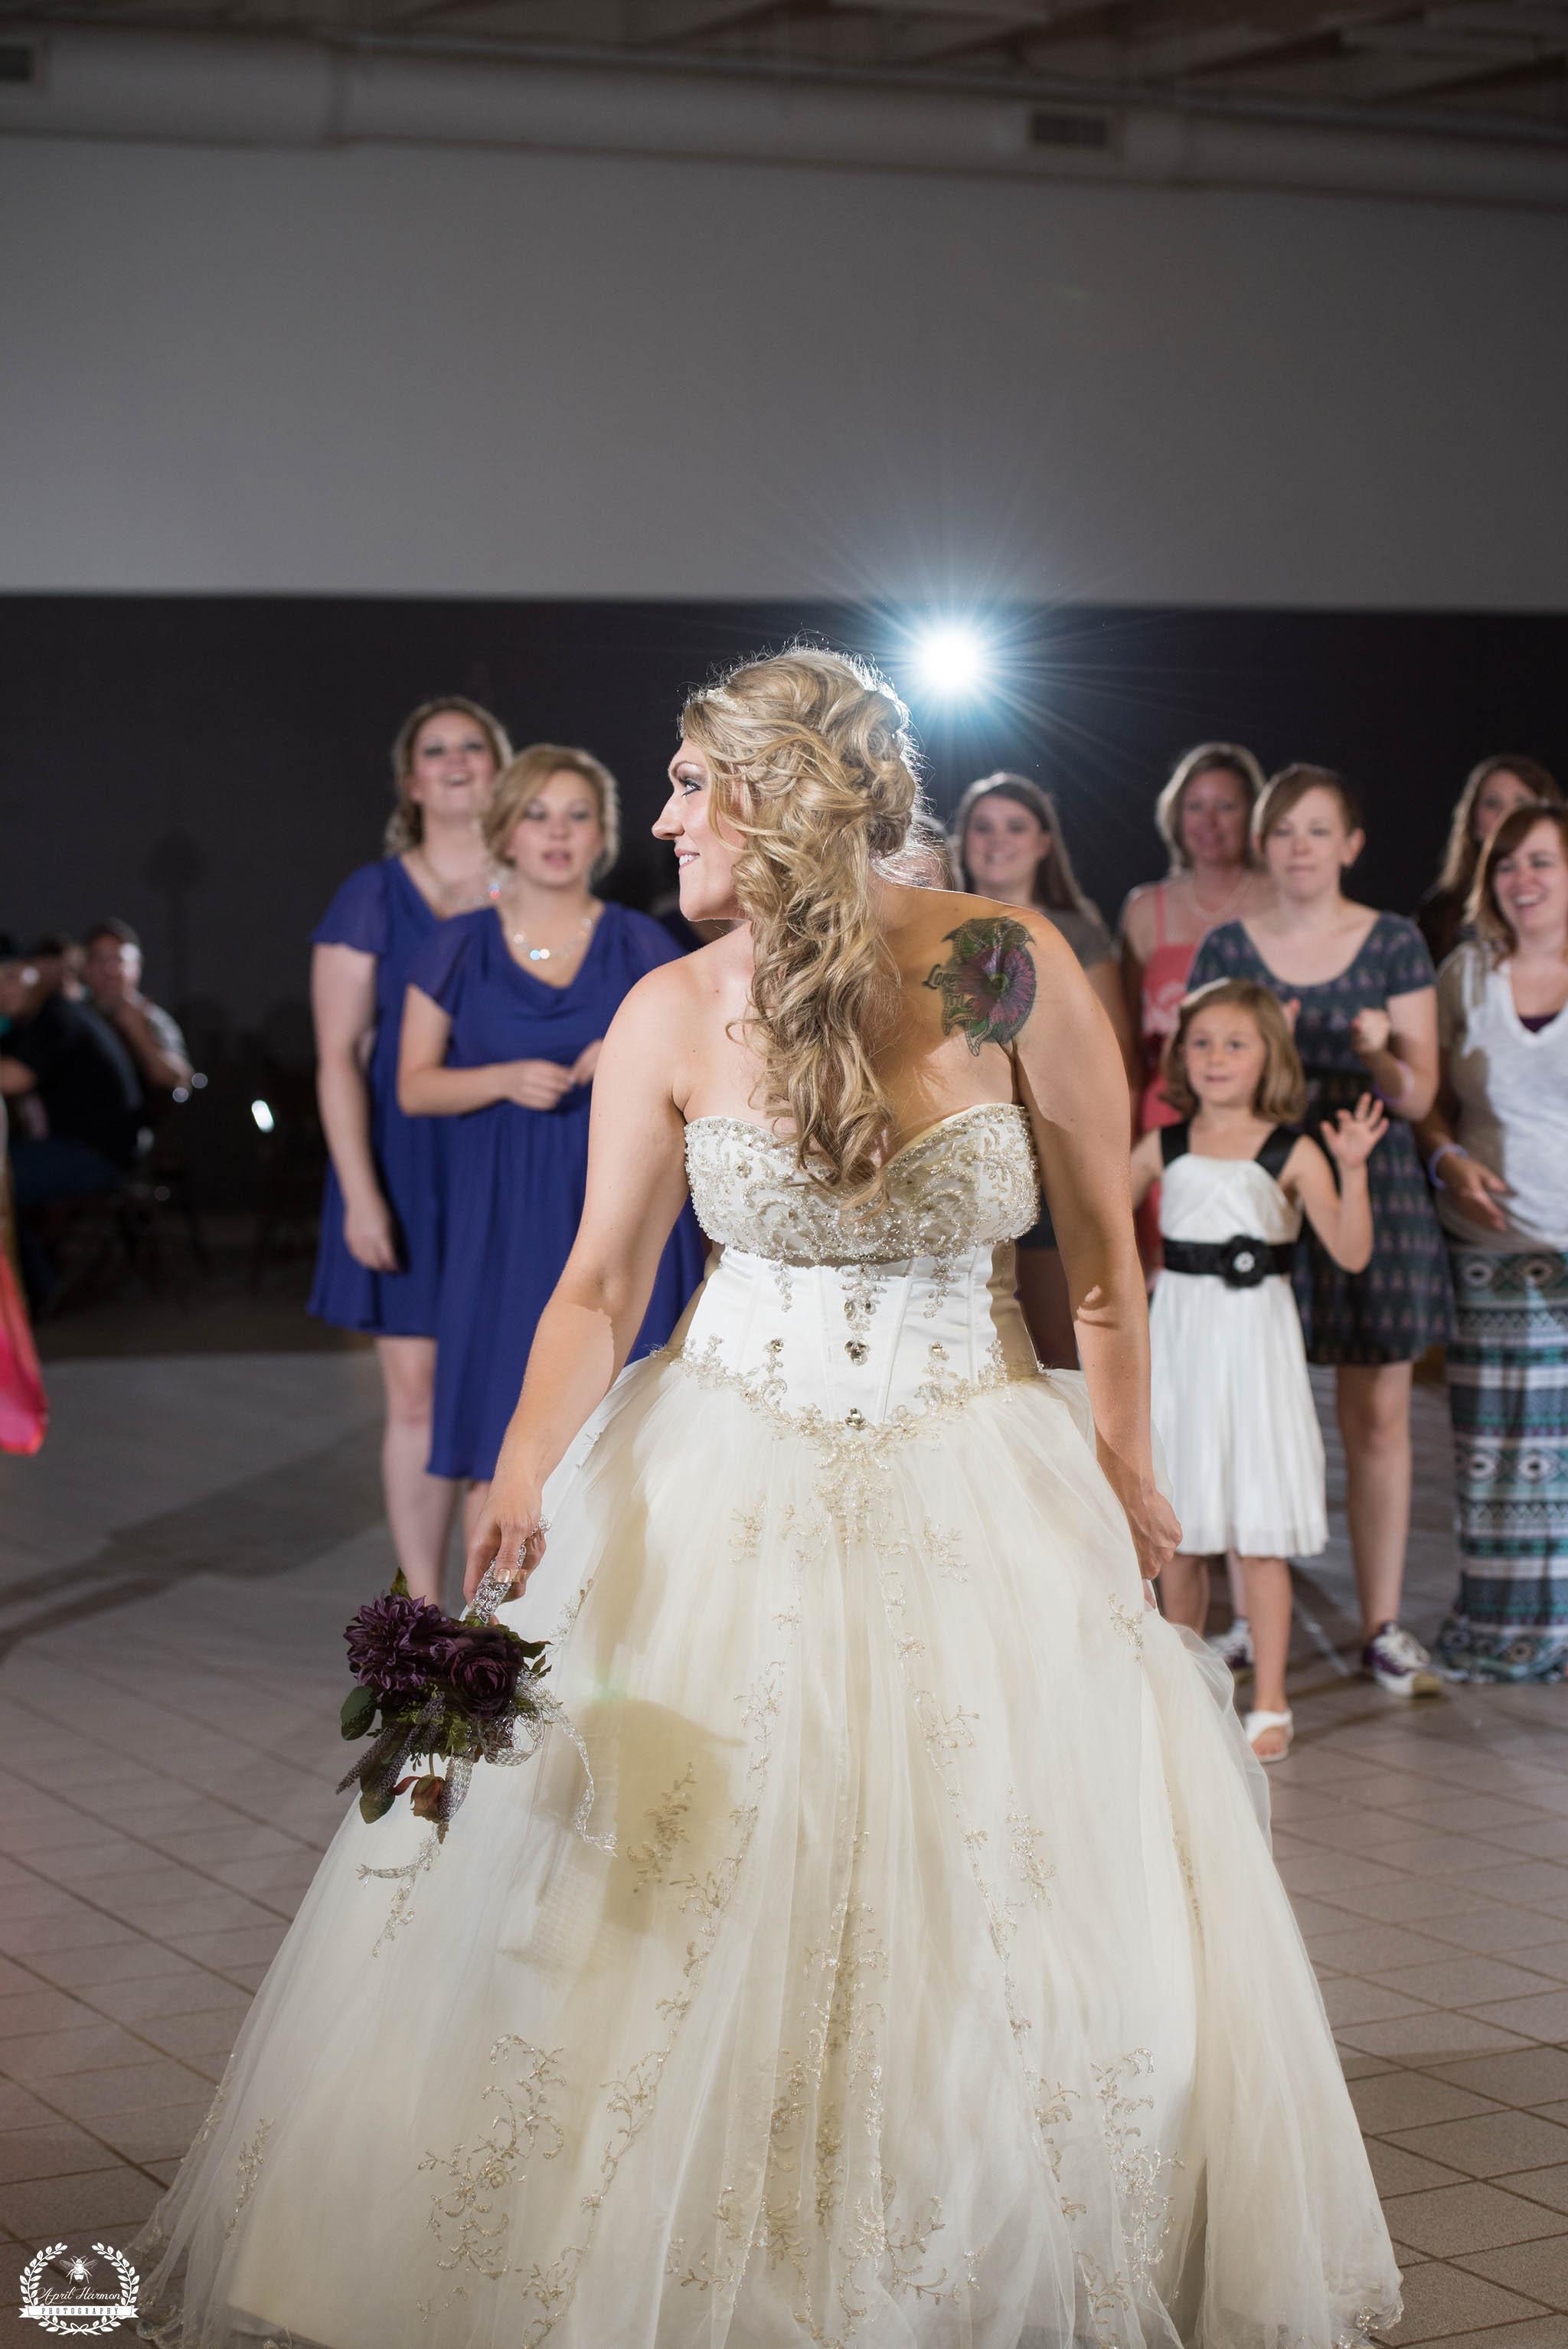 southwest-kansas-wedding-photography130.jpg